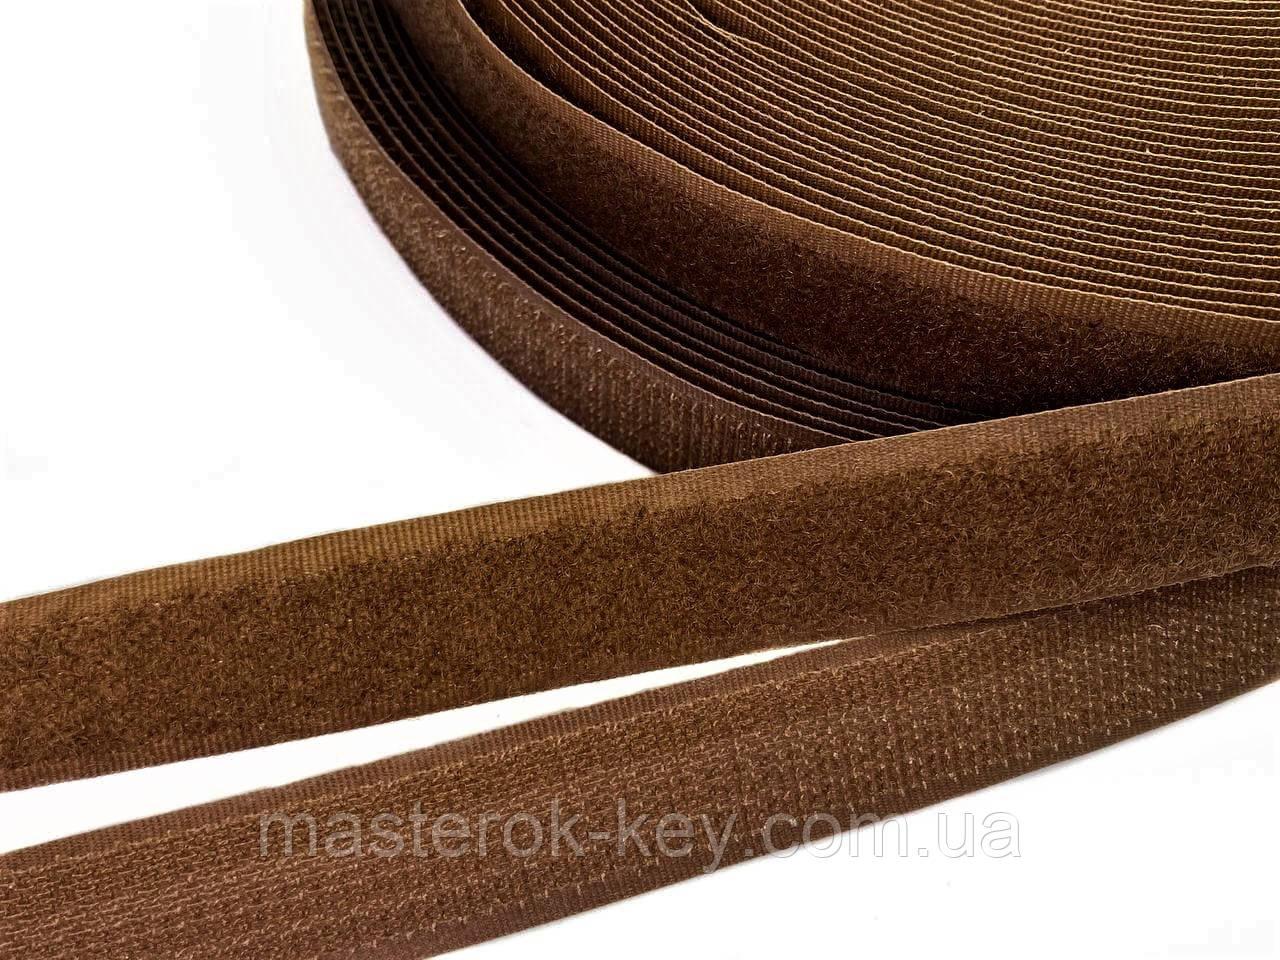 Застібка липучка метражні 2см коричневий колір Блідо